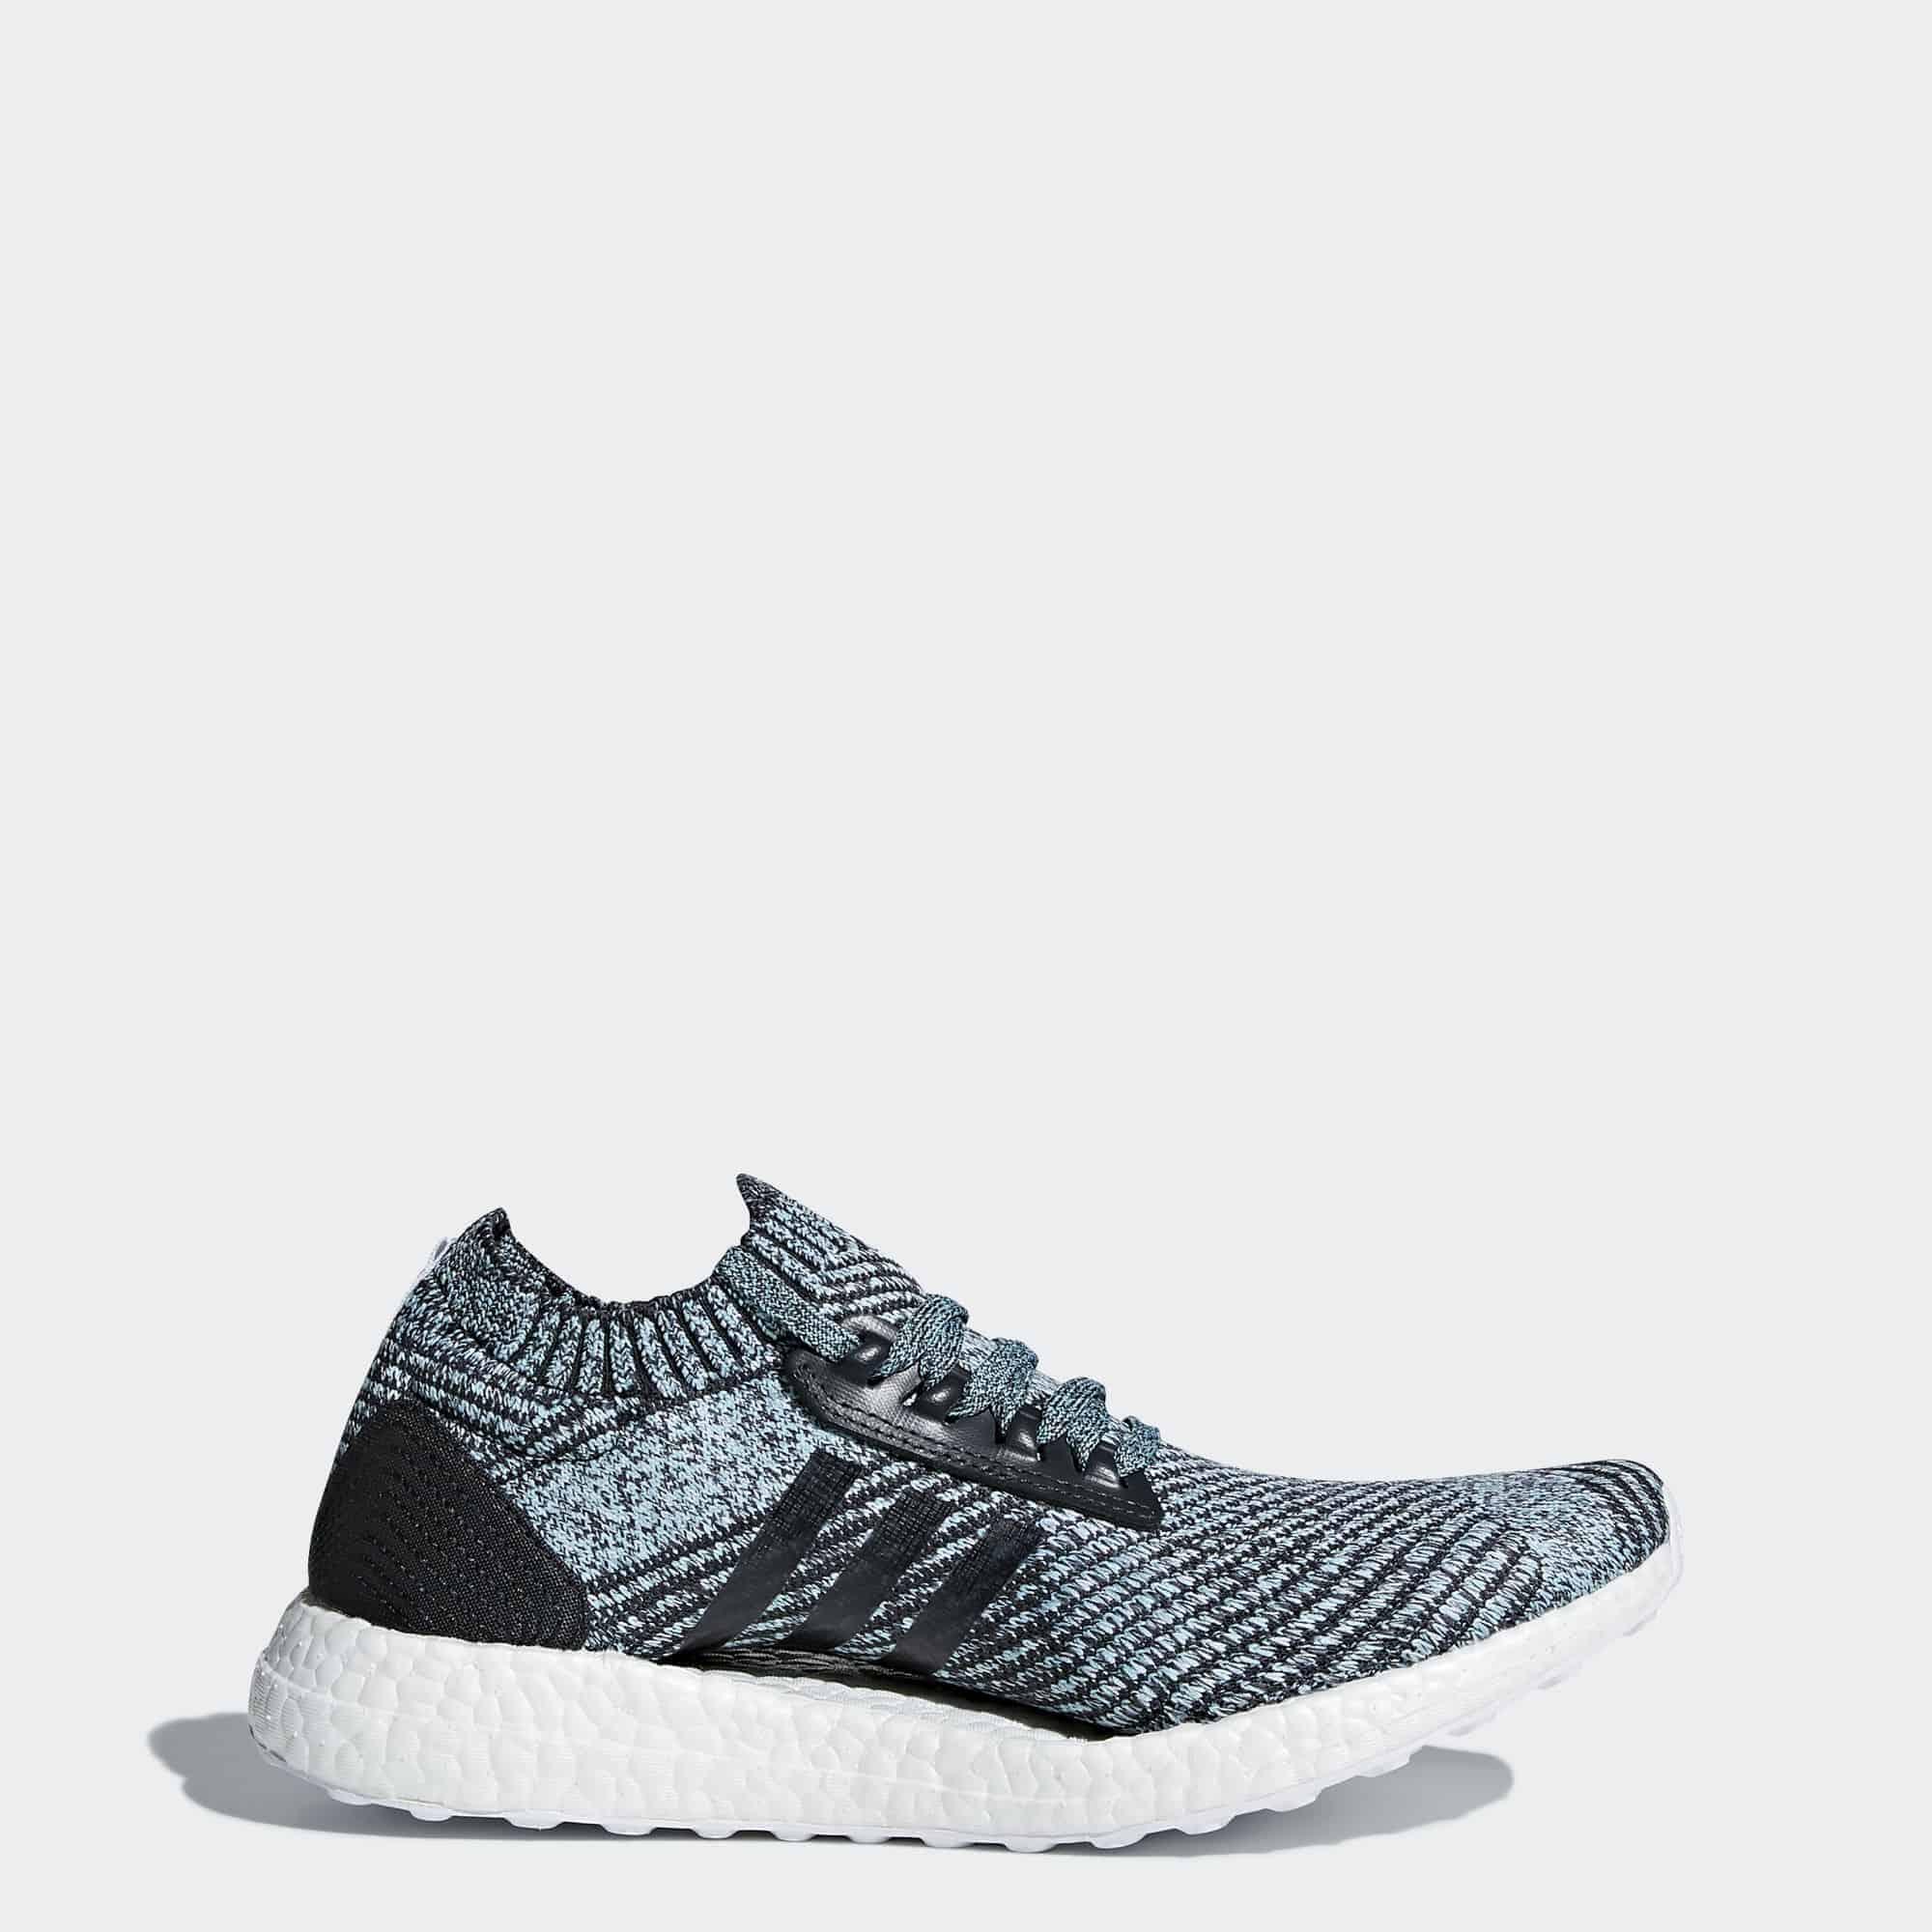 Кроссовки для бега Adidas Ultraboost X Parley женские